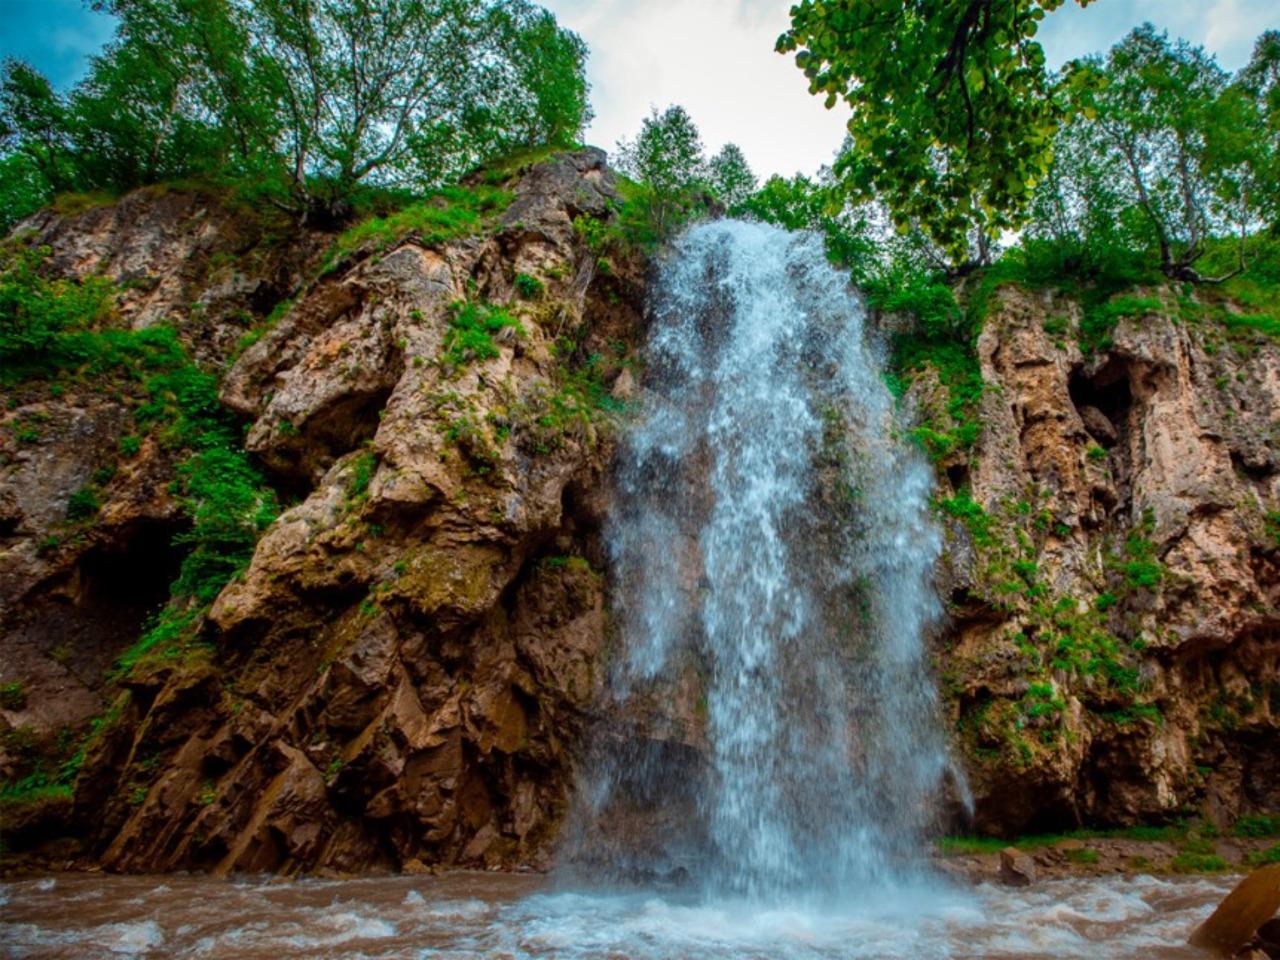 Увлекательная поездка к Медовым водопадам - индивидуальная экскурсия в Пятигорске от опытного гида